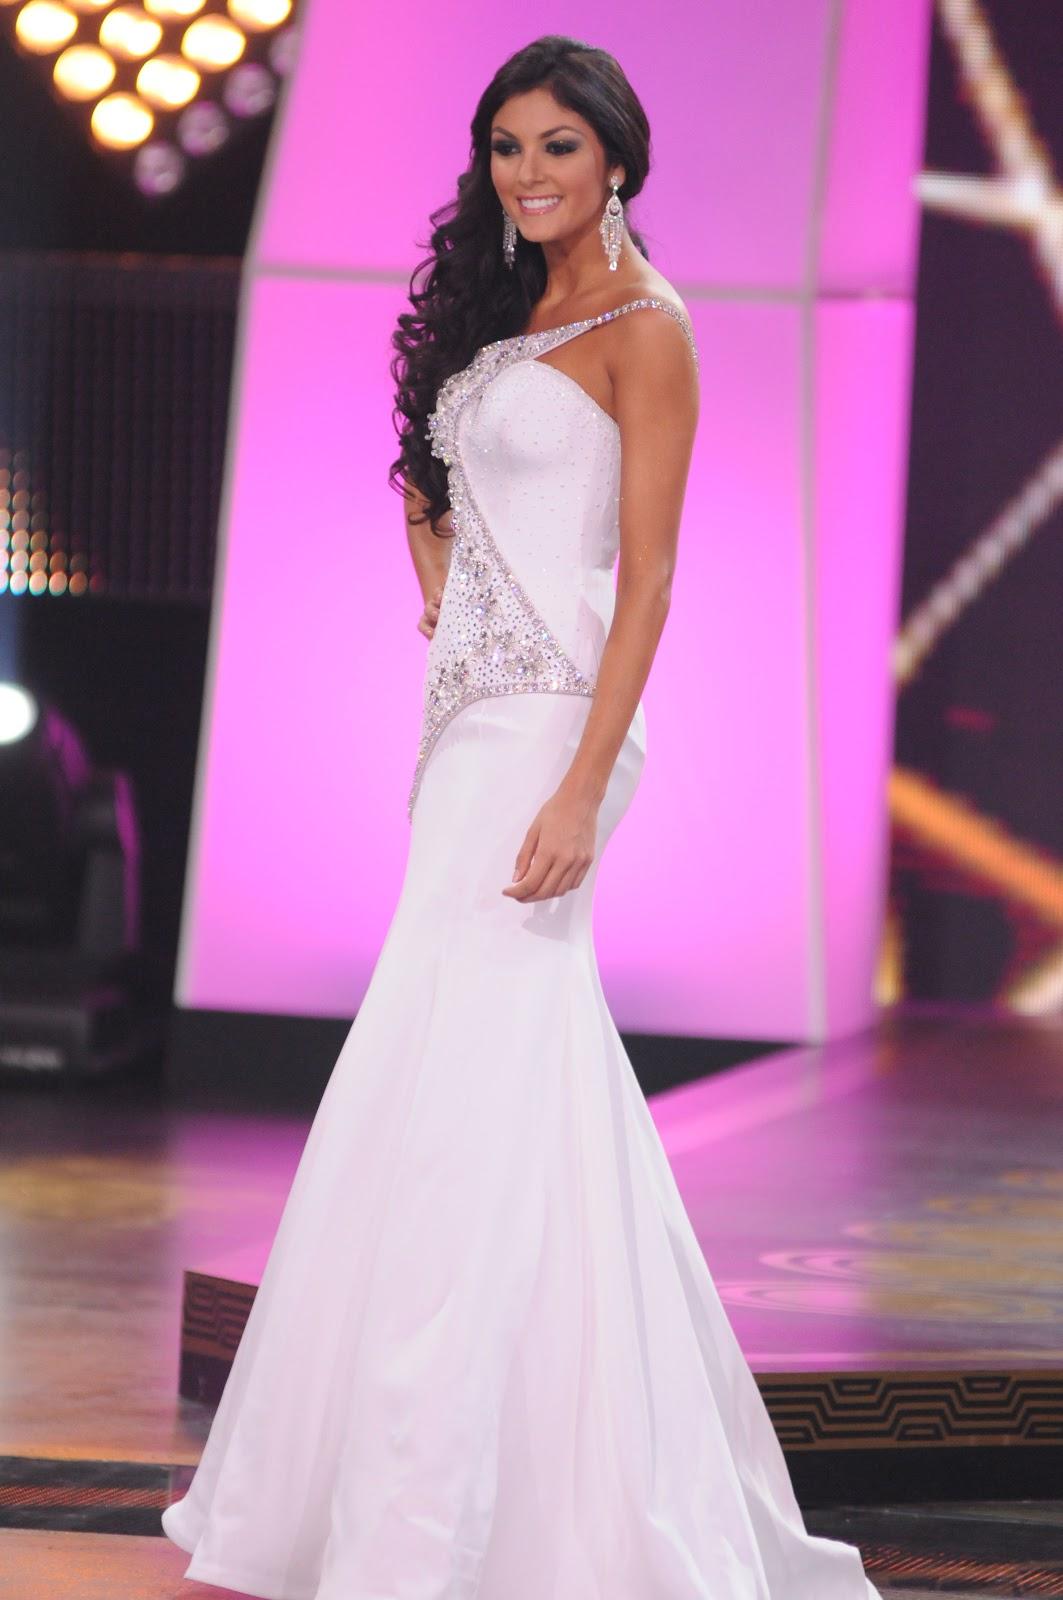 Vestidos para reinas de belleza 2015 – Vestidos de noche elegantes ...